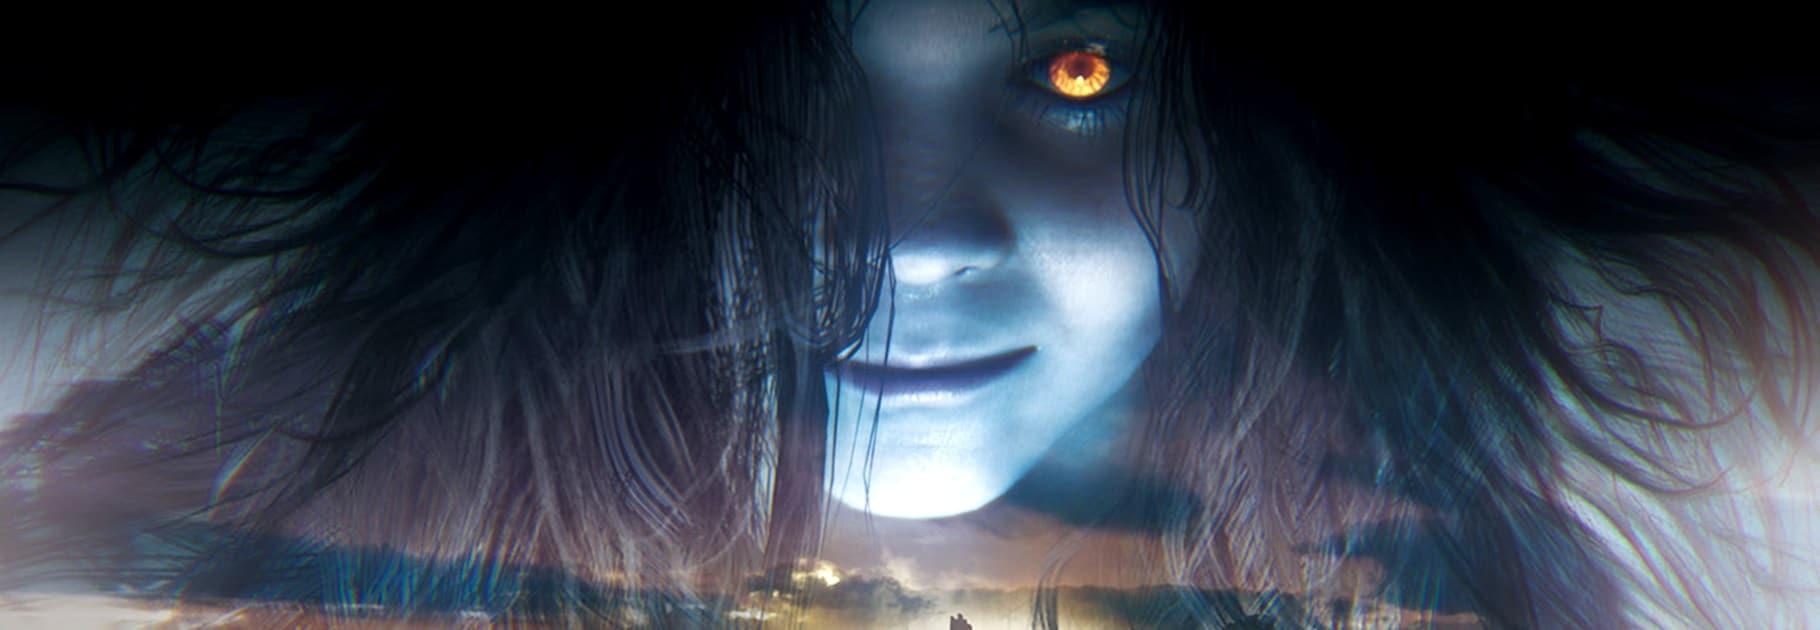 Eveline de Resident Evil 7 com sombra azul no rosto.